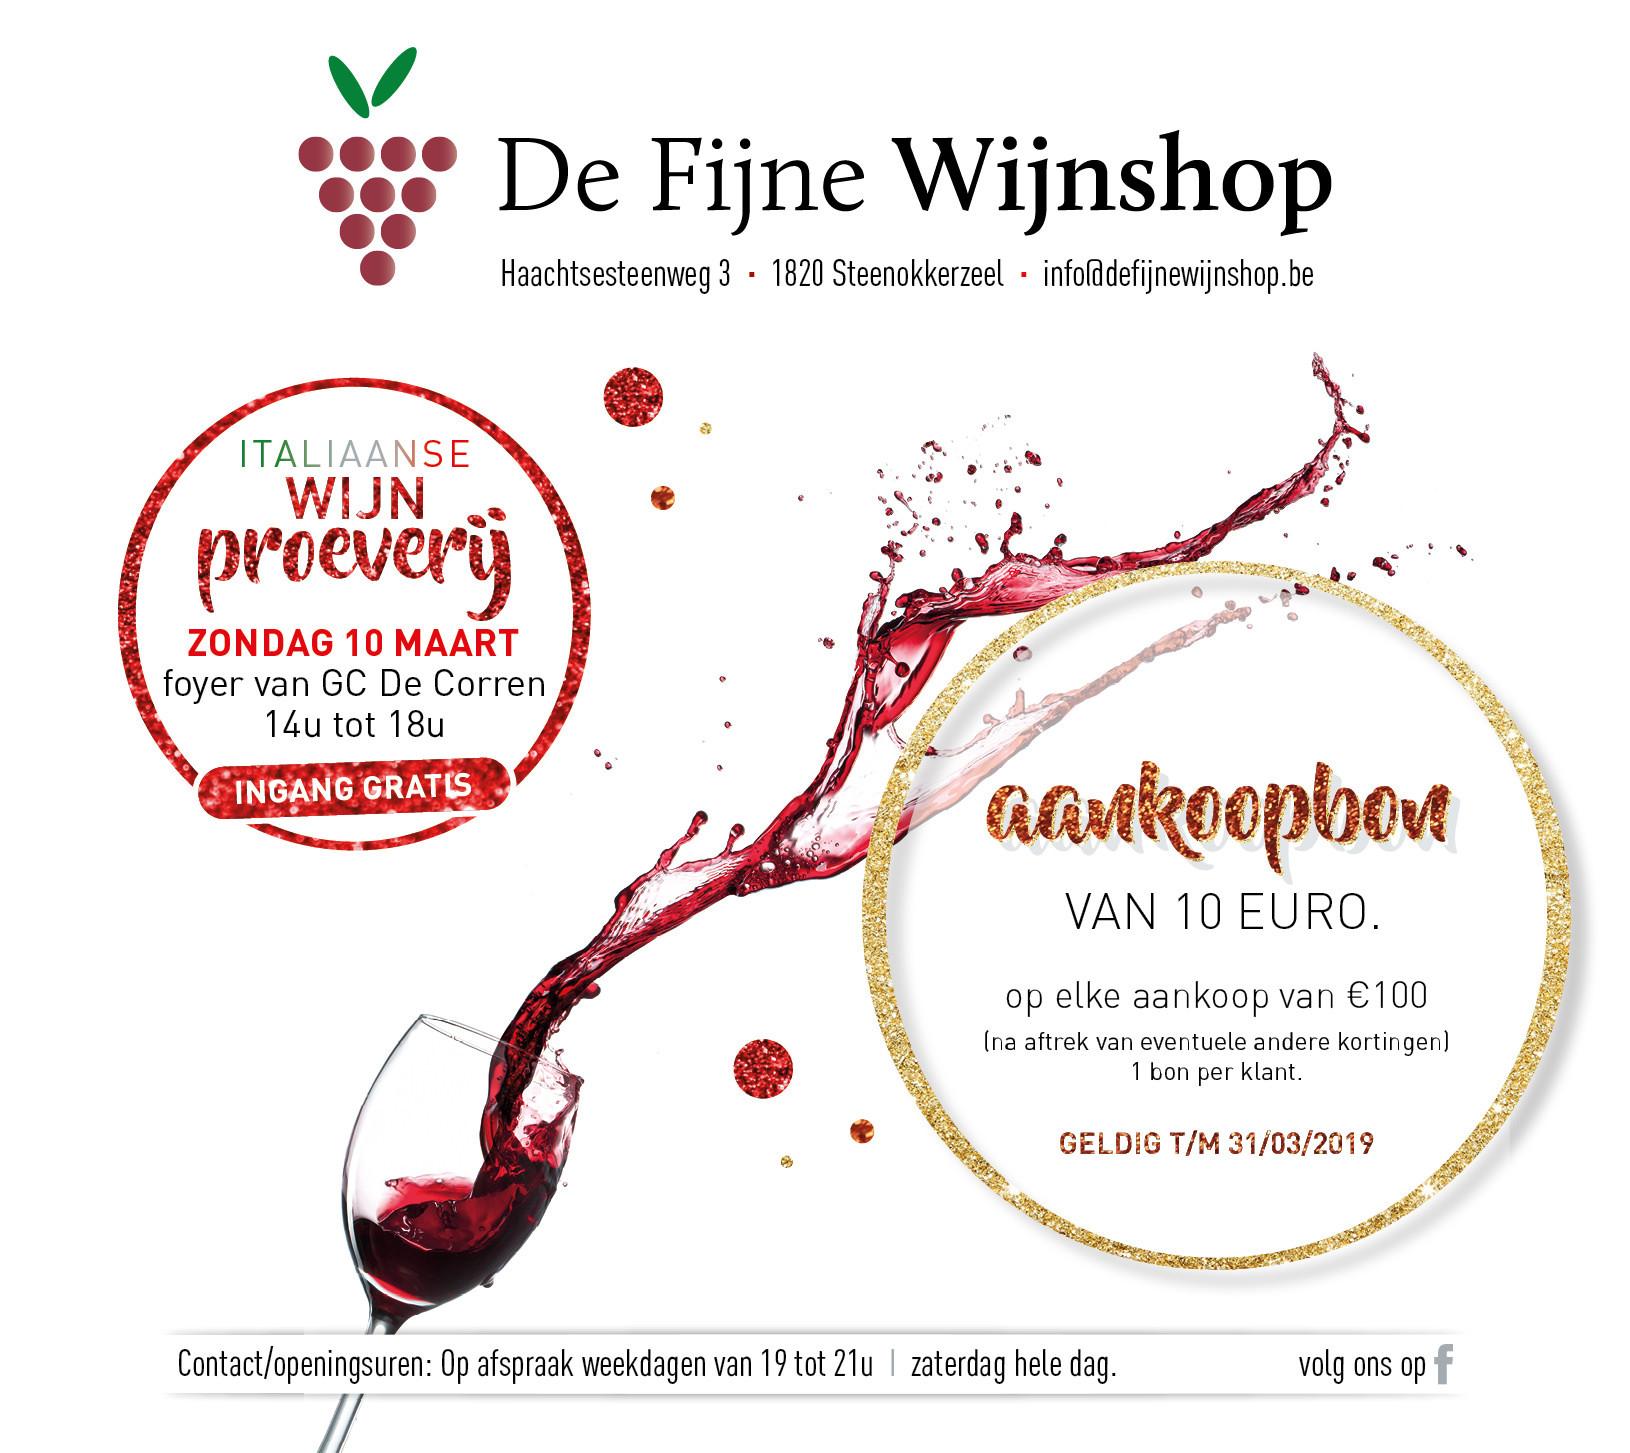 de_fijne_wijnshop_steenokkerzeel_maart_2019.jpg